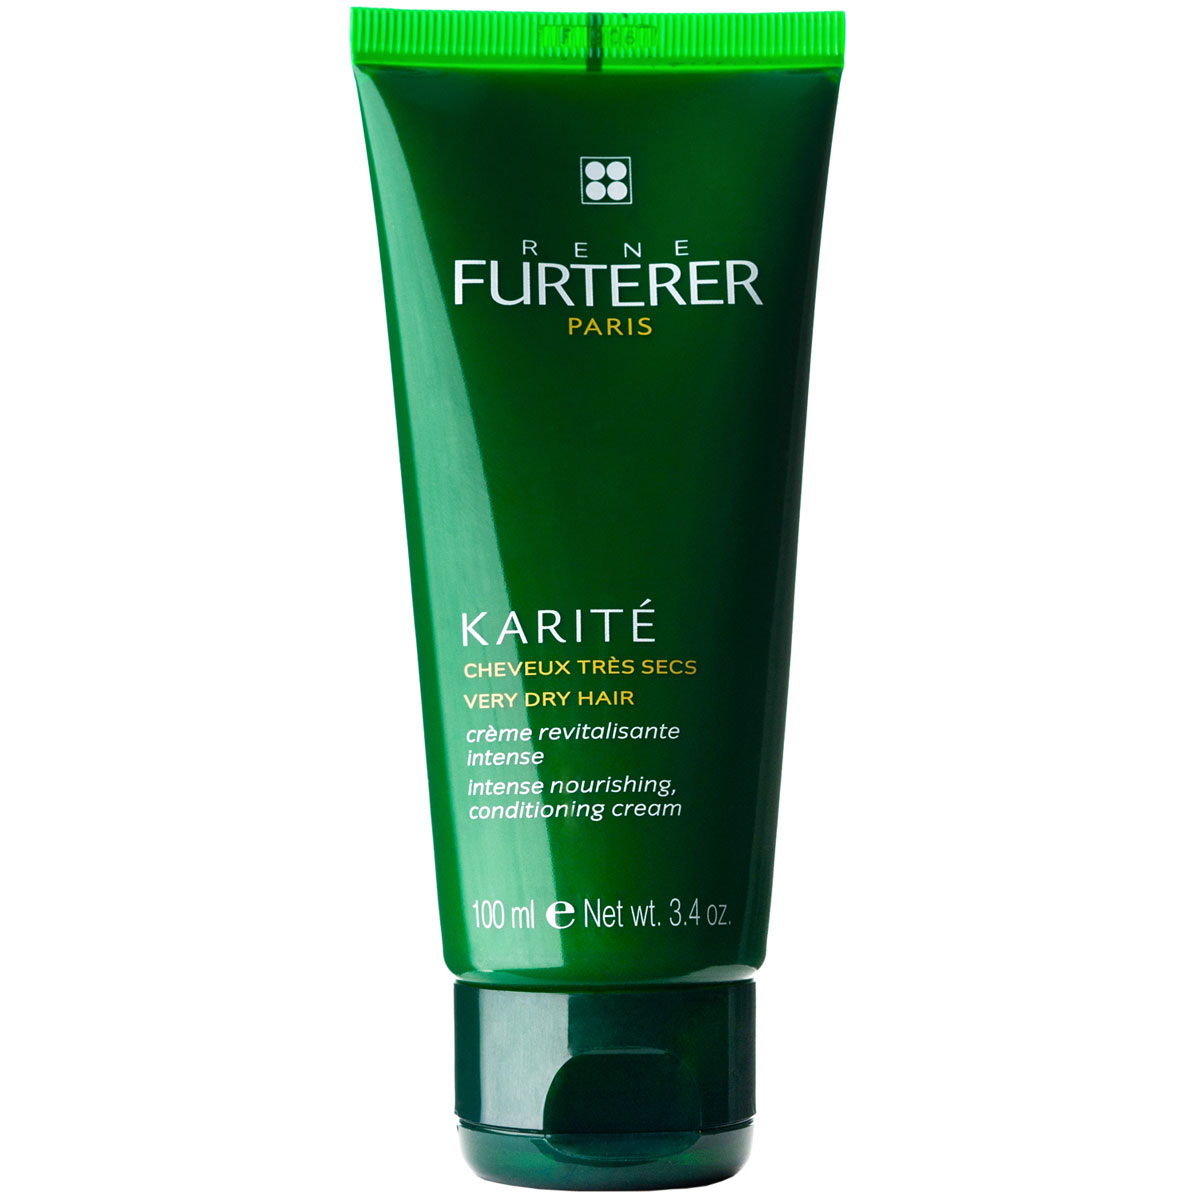 Rene Furterer Шампунь Karite для волос, питательный, 150 млFS-00897Шампунь на основе масла Карите рекомендуется для очень сухой кожи головы и очень сухих волос. Является интенсивным продуктом, который используется 1 или 2 раза в неделю. Он обогащен восстанавливающими, питательными и сглаживающими компонентами. Придает необыкновенную мягкость и эластичность даже очень сухим и поврежденным волосам. Облегчает расчесывание волос, делает их гладкими и шелковистыми.Нанести шампунь на кожу головы и волосы, вспенить и смыть. Нанести повторно, вспенить и оставить на 2 или 3 минуты. Смыть. Использовать 1 или 2 раза в неделю.